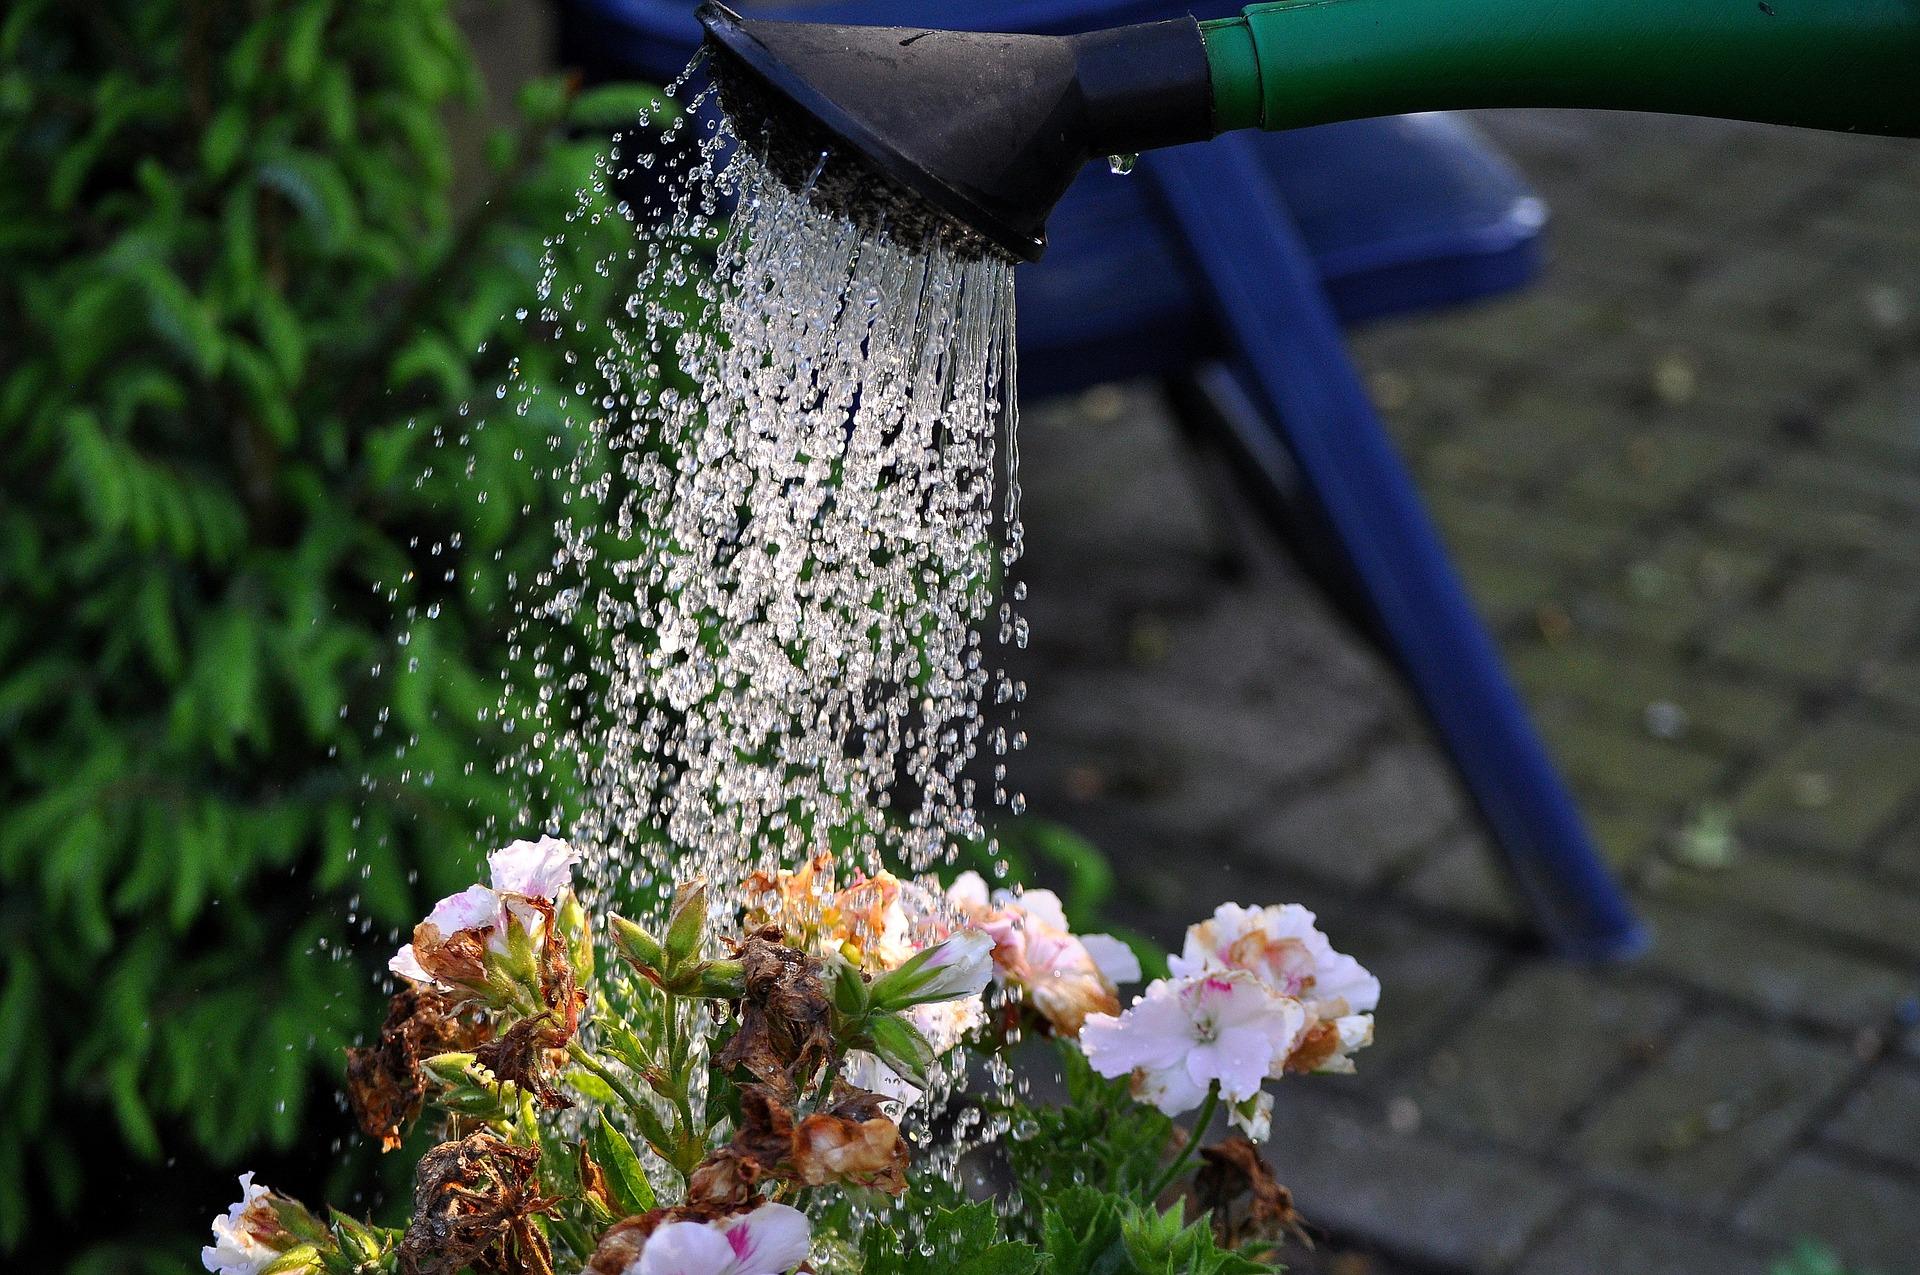 Jak na vrtání studny